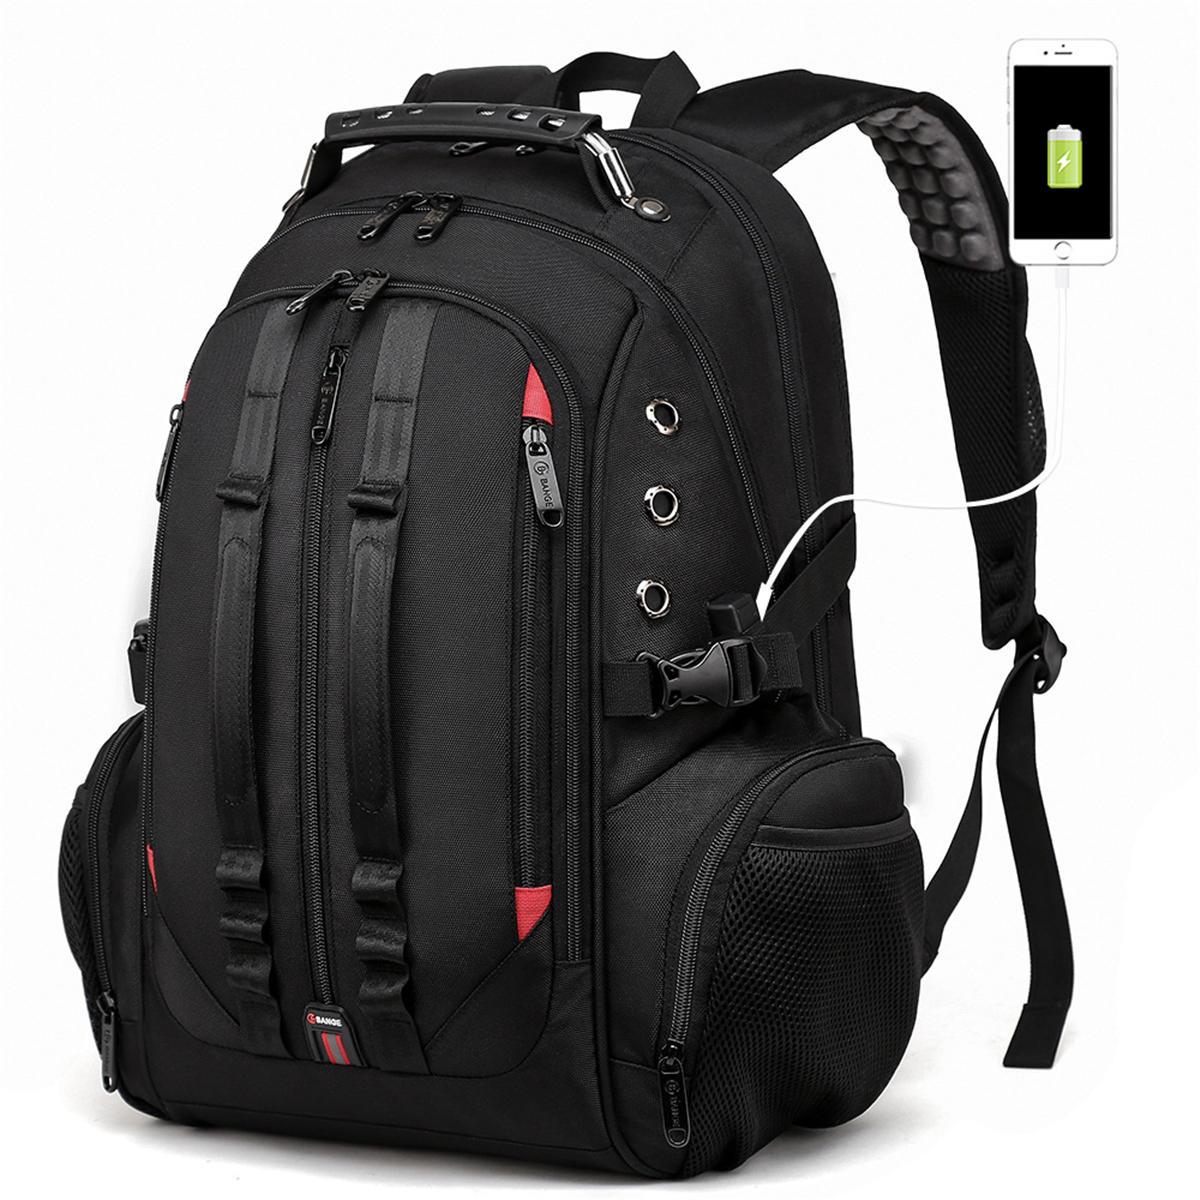 ErkeklerBüyükKapasiteliSırtÇantasıSchoolbag Dizüstü Seyahat Çanta USB Portu Kulaklık Delik Çanta